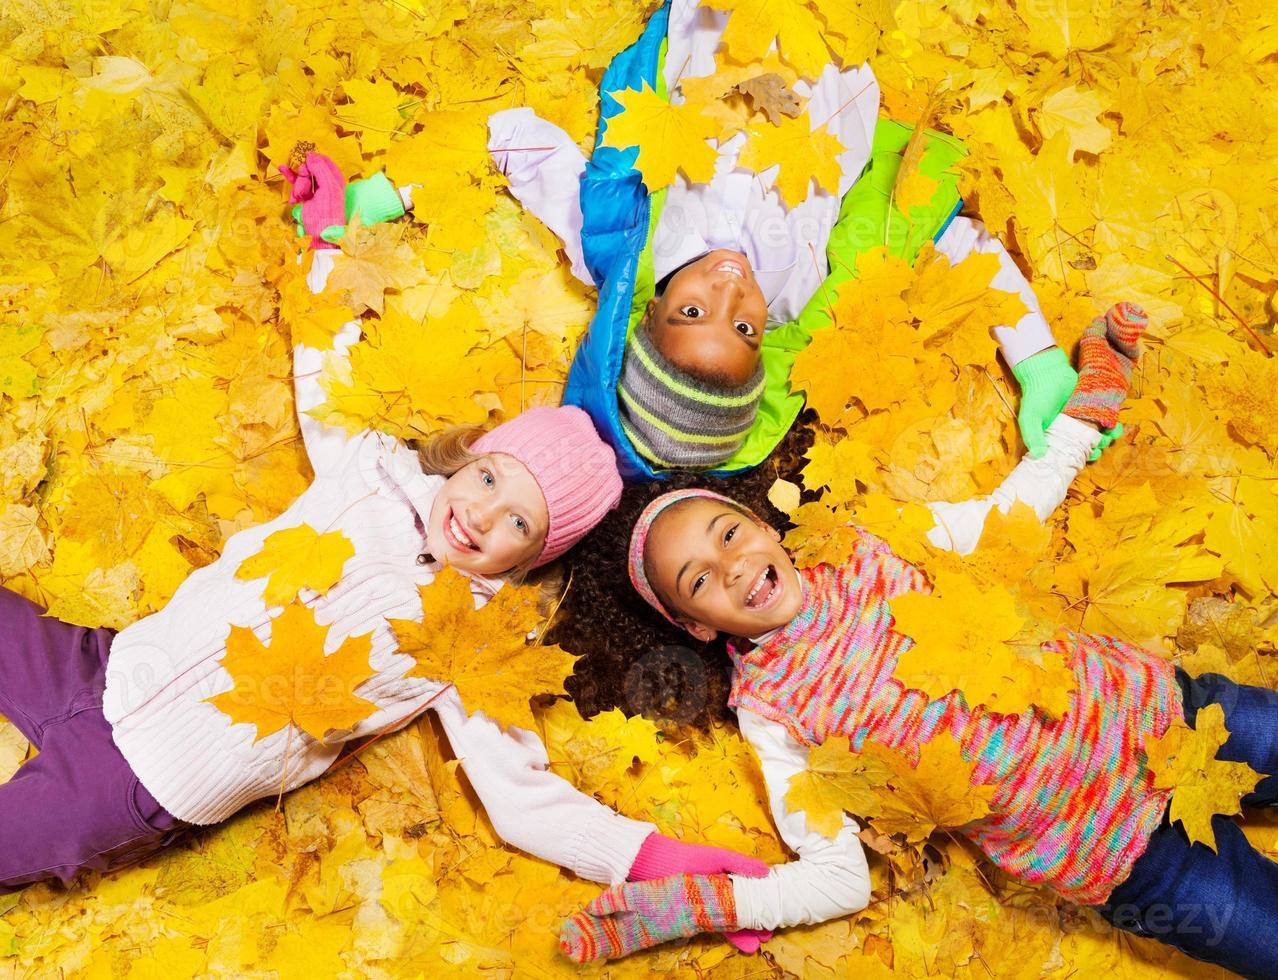 les enfants jouent avec des feuilles d'érable automne orange photo